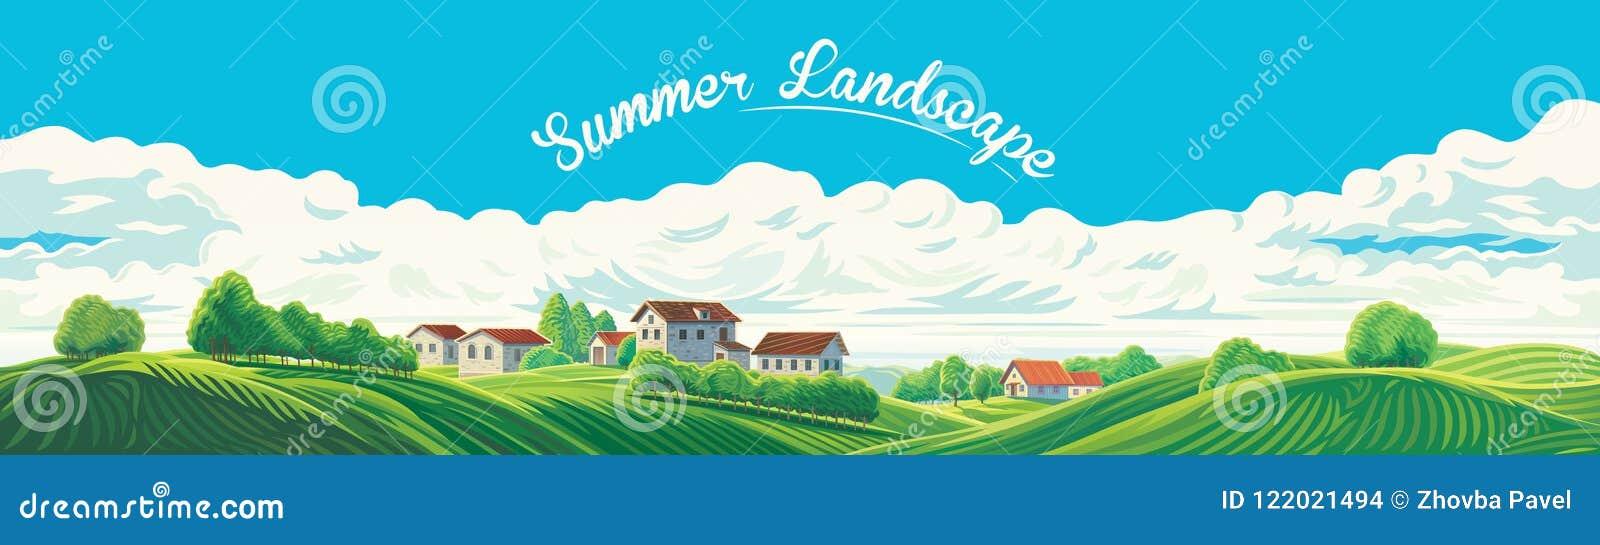 Paysage panoramique rural avec un village et des collines avec